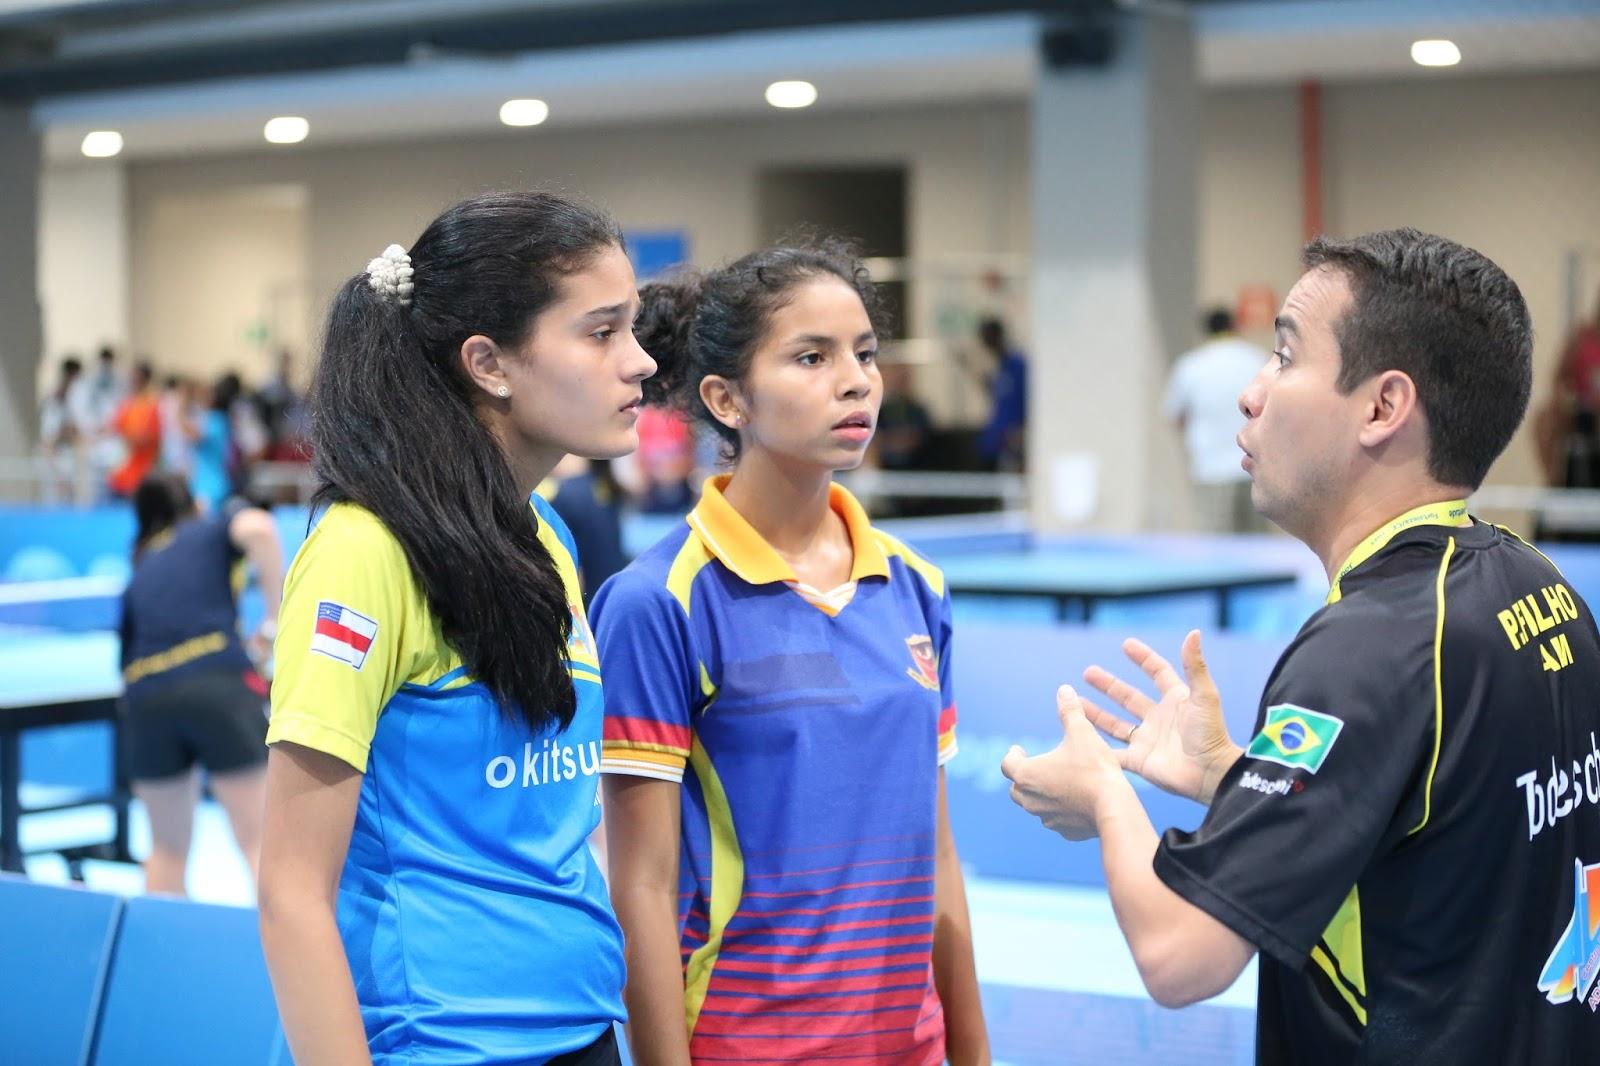 Realizado pelo Comitê Olímpico Brasileiro (COB) eb8b1bb120bfb